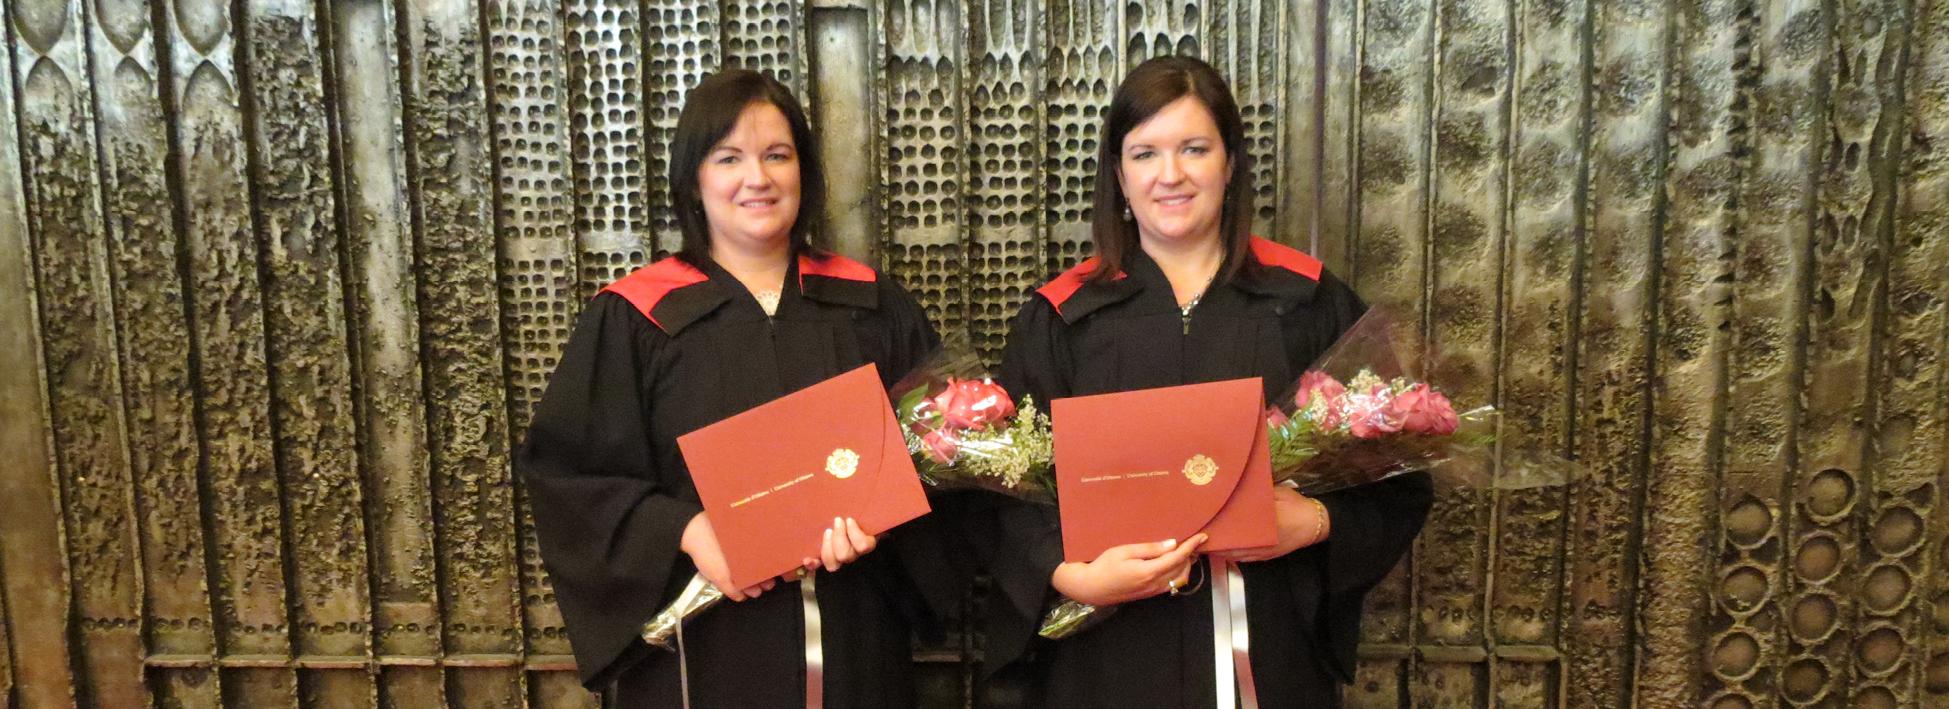 Deux sœurs graduent ensemble